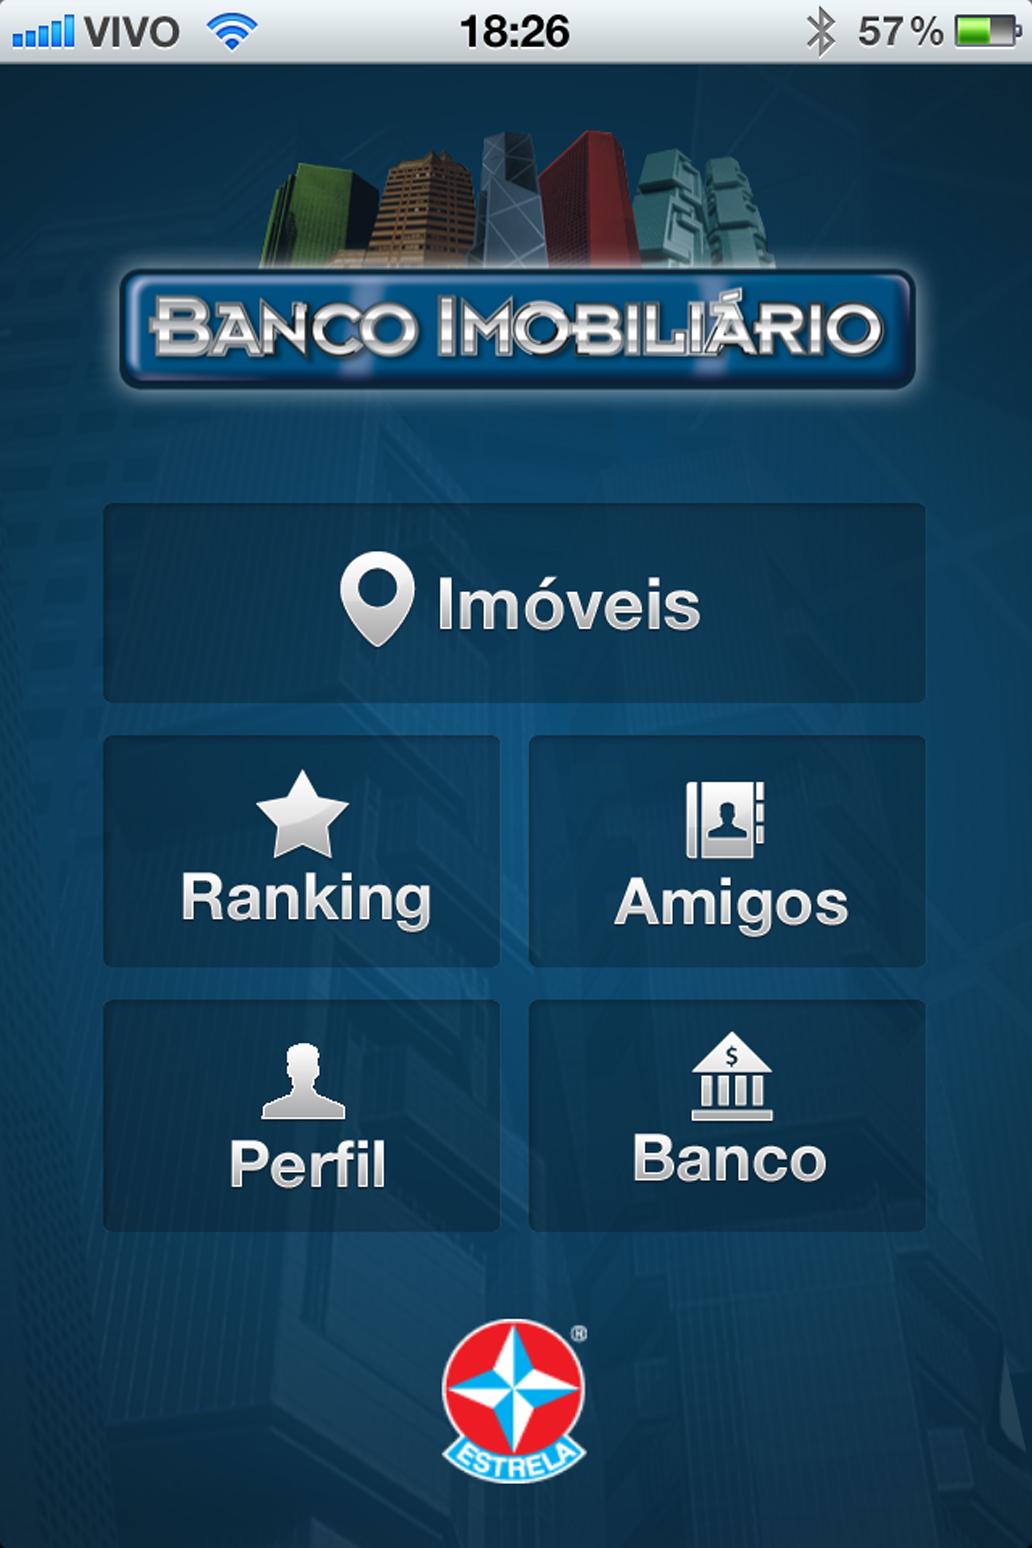 Banco Imobiliário ganha nova versão mobile com integração com Foursquare (Foto: Divulgação/Estrela)